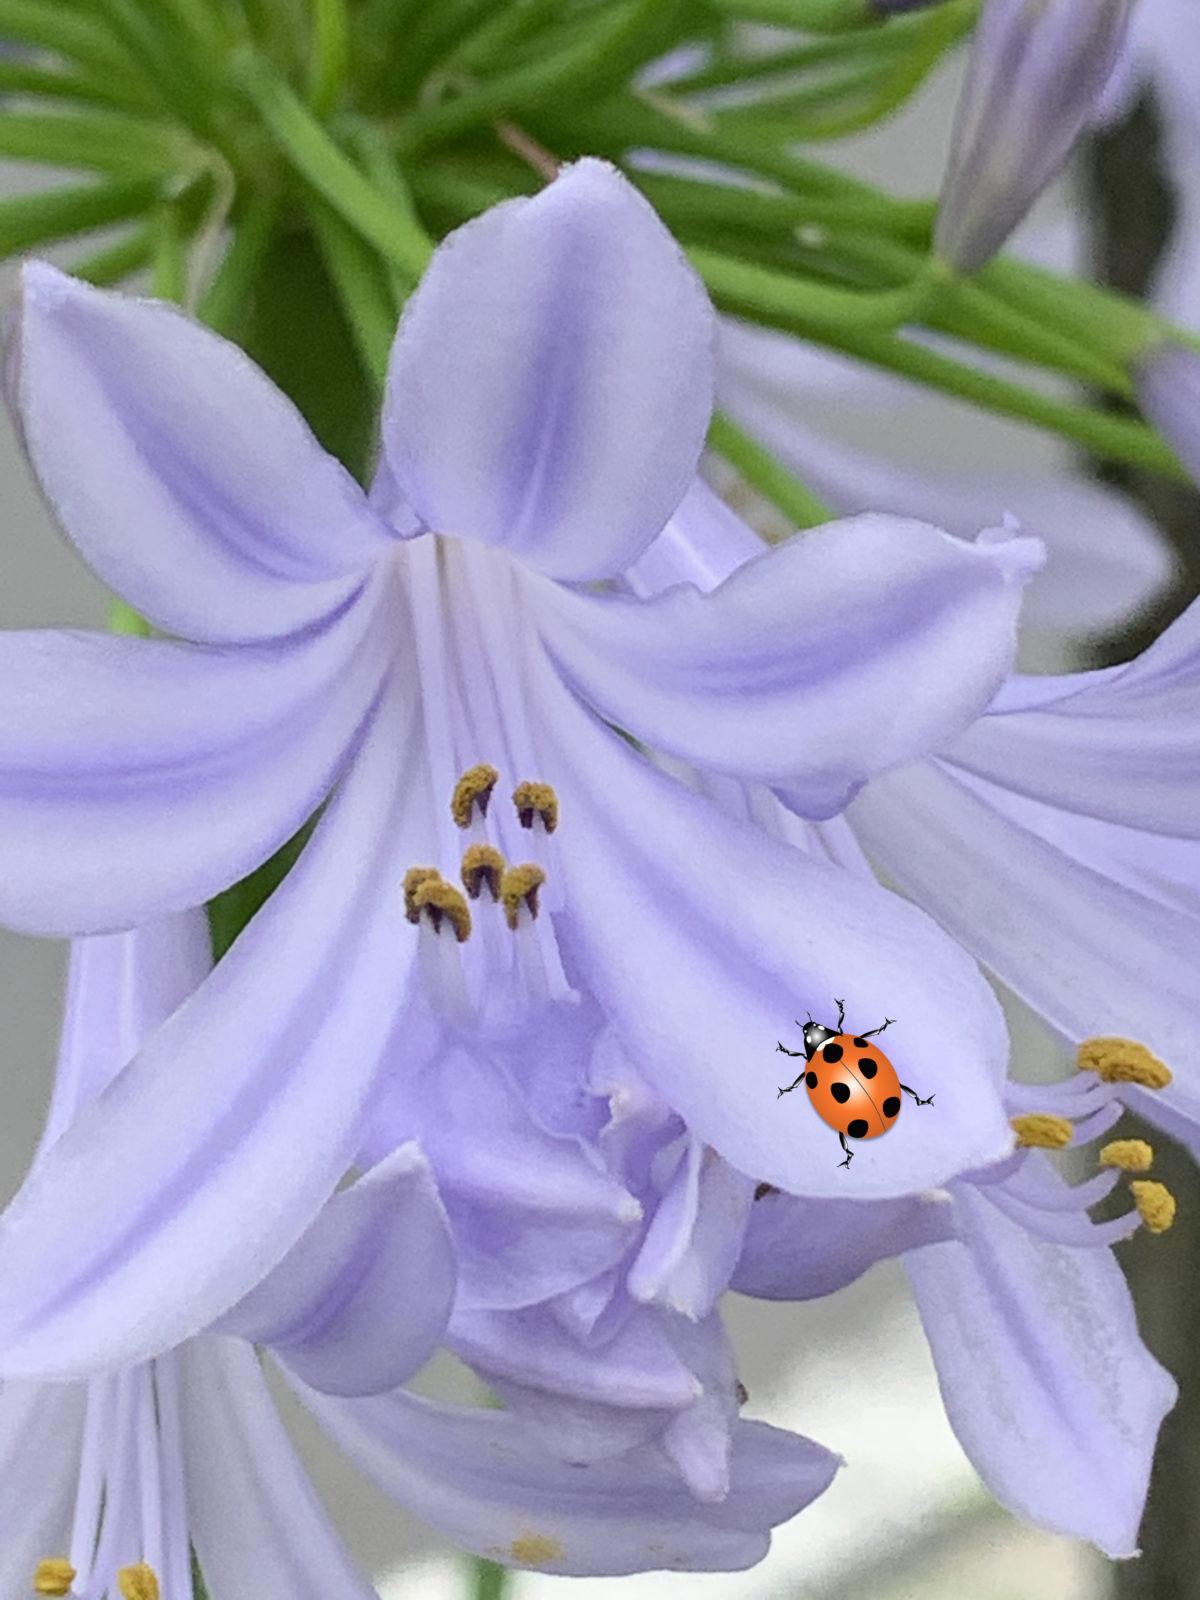 アガパンサス 属名は「愛の花」 和名は紫君子蘭 涼しげな花が魅力です。